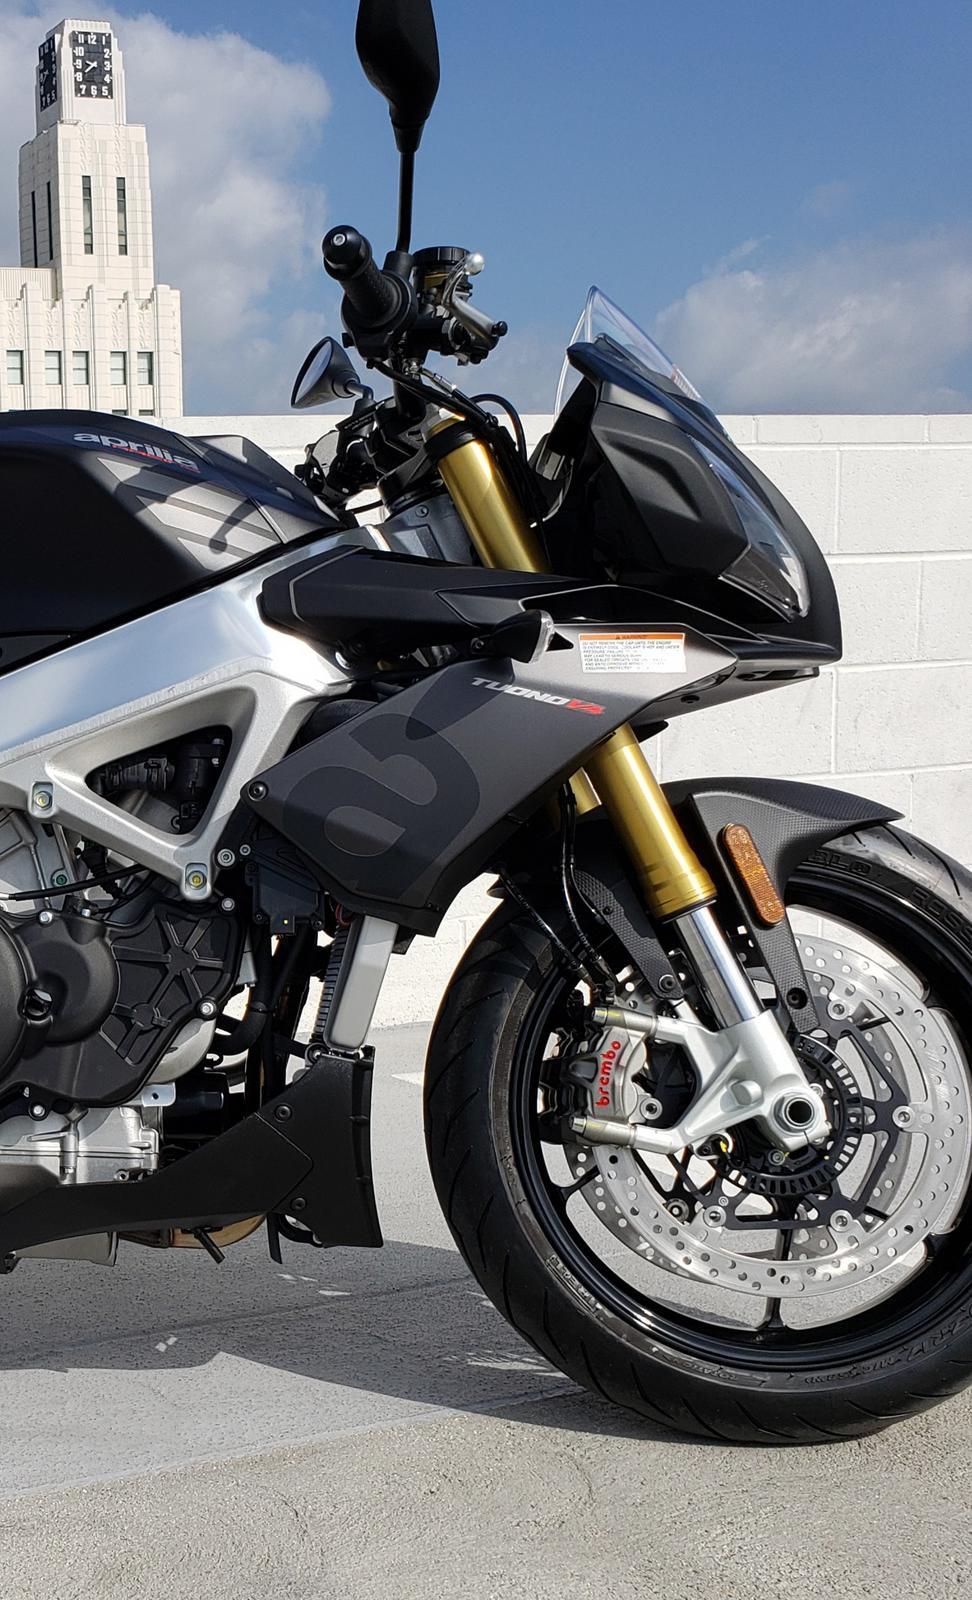 2019 Aprilia Tuono V4 1100 Rr For Sale In Santa Monica Ca Moto Club Santa Monica Santa Monica Ca 310 882 5684